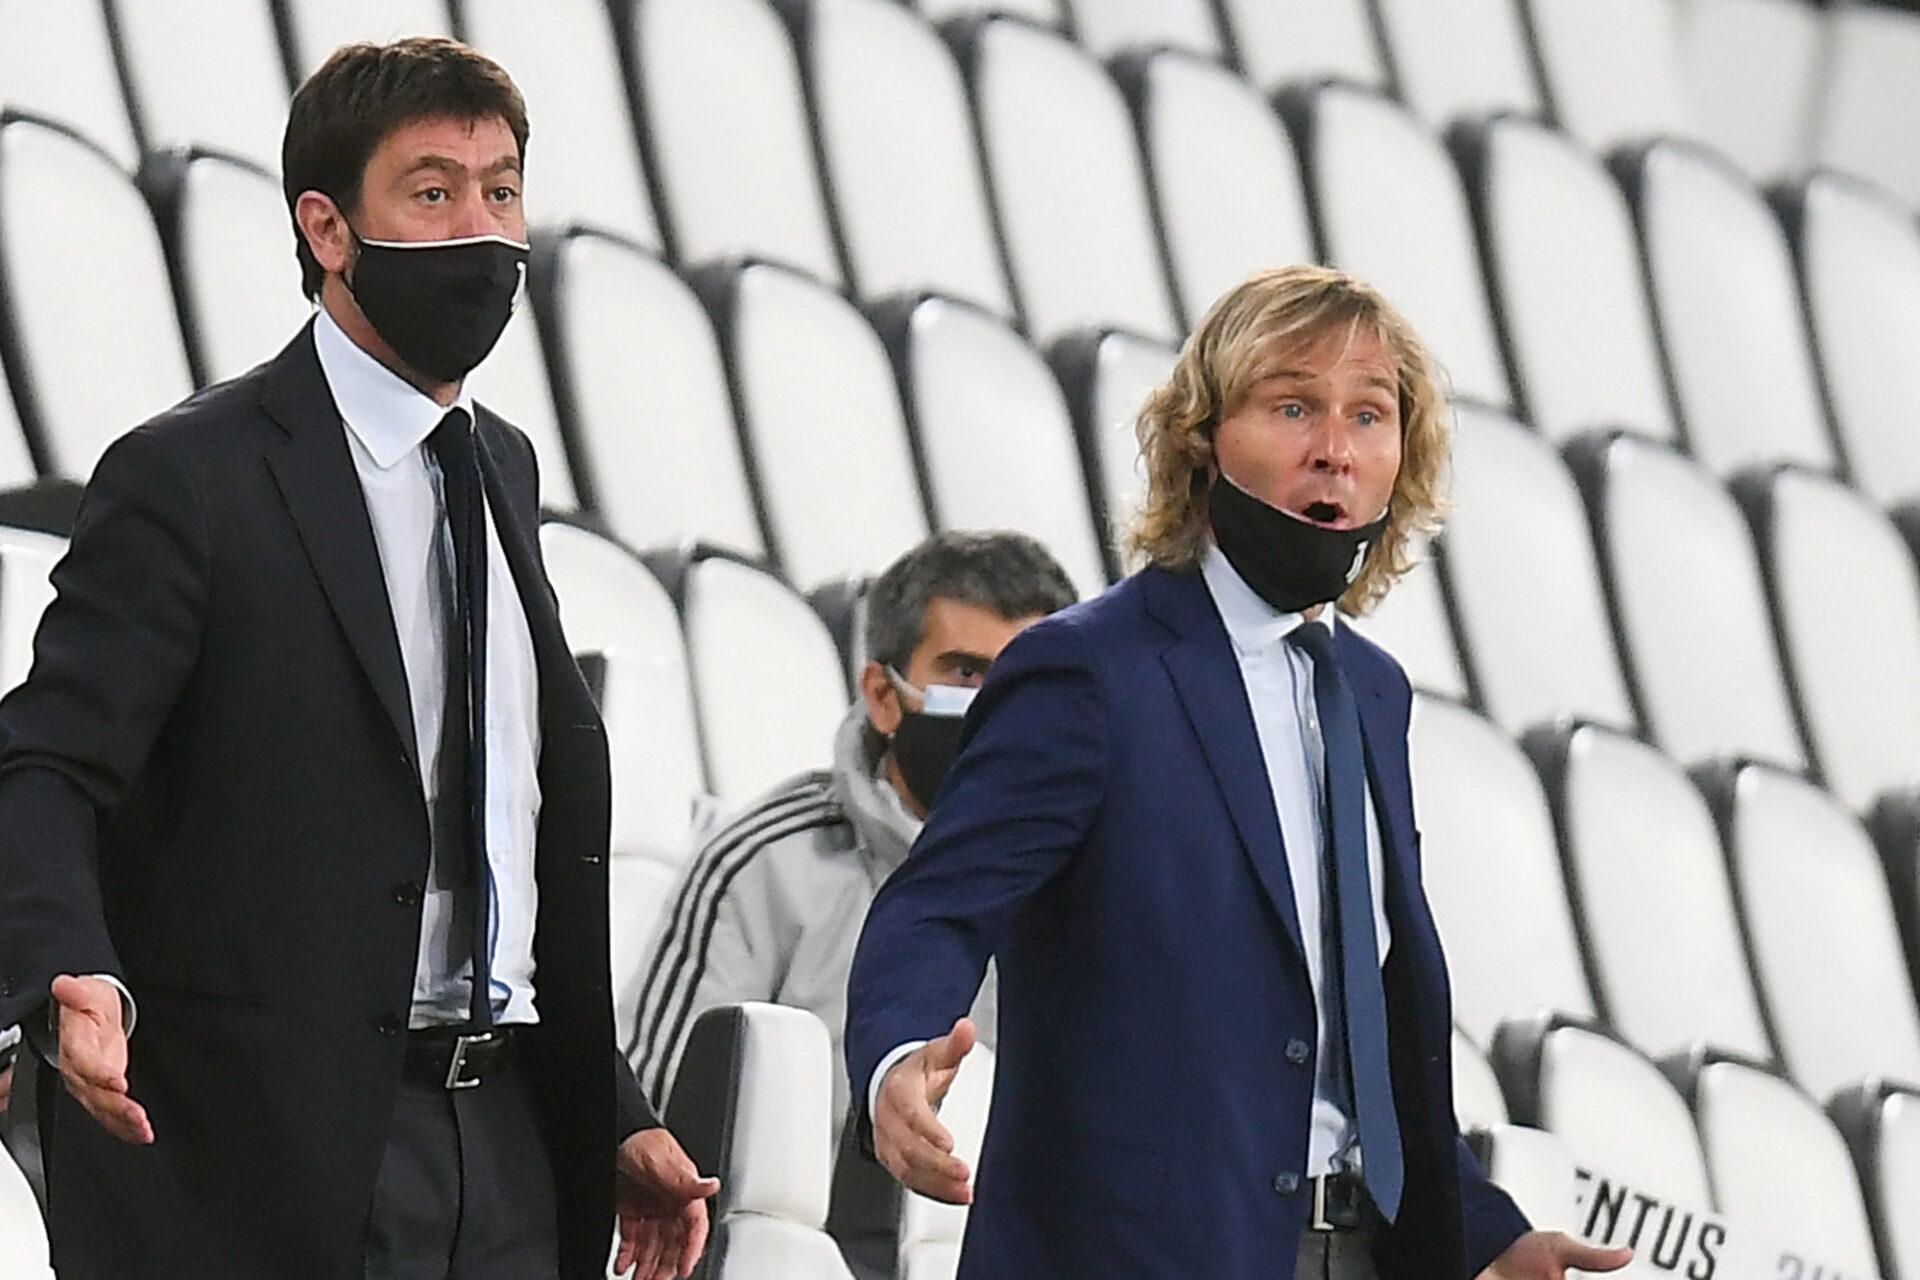 Le patron de la Juventus, Andrea Agnelli (à gauche), et le vice-président Pavel Nedved (à droite), n'étaient plus forcément désireux de conserver Cristiano Ronaldo, qui n'a pas engendré les bénéfices économiques espérés. @iconsport